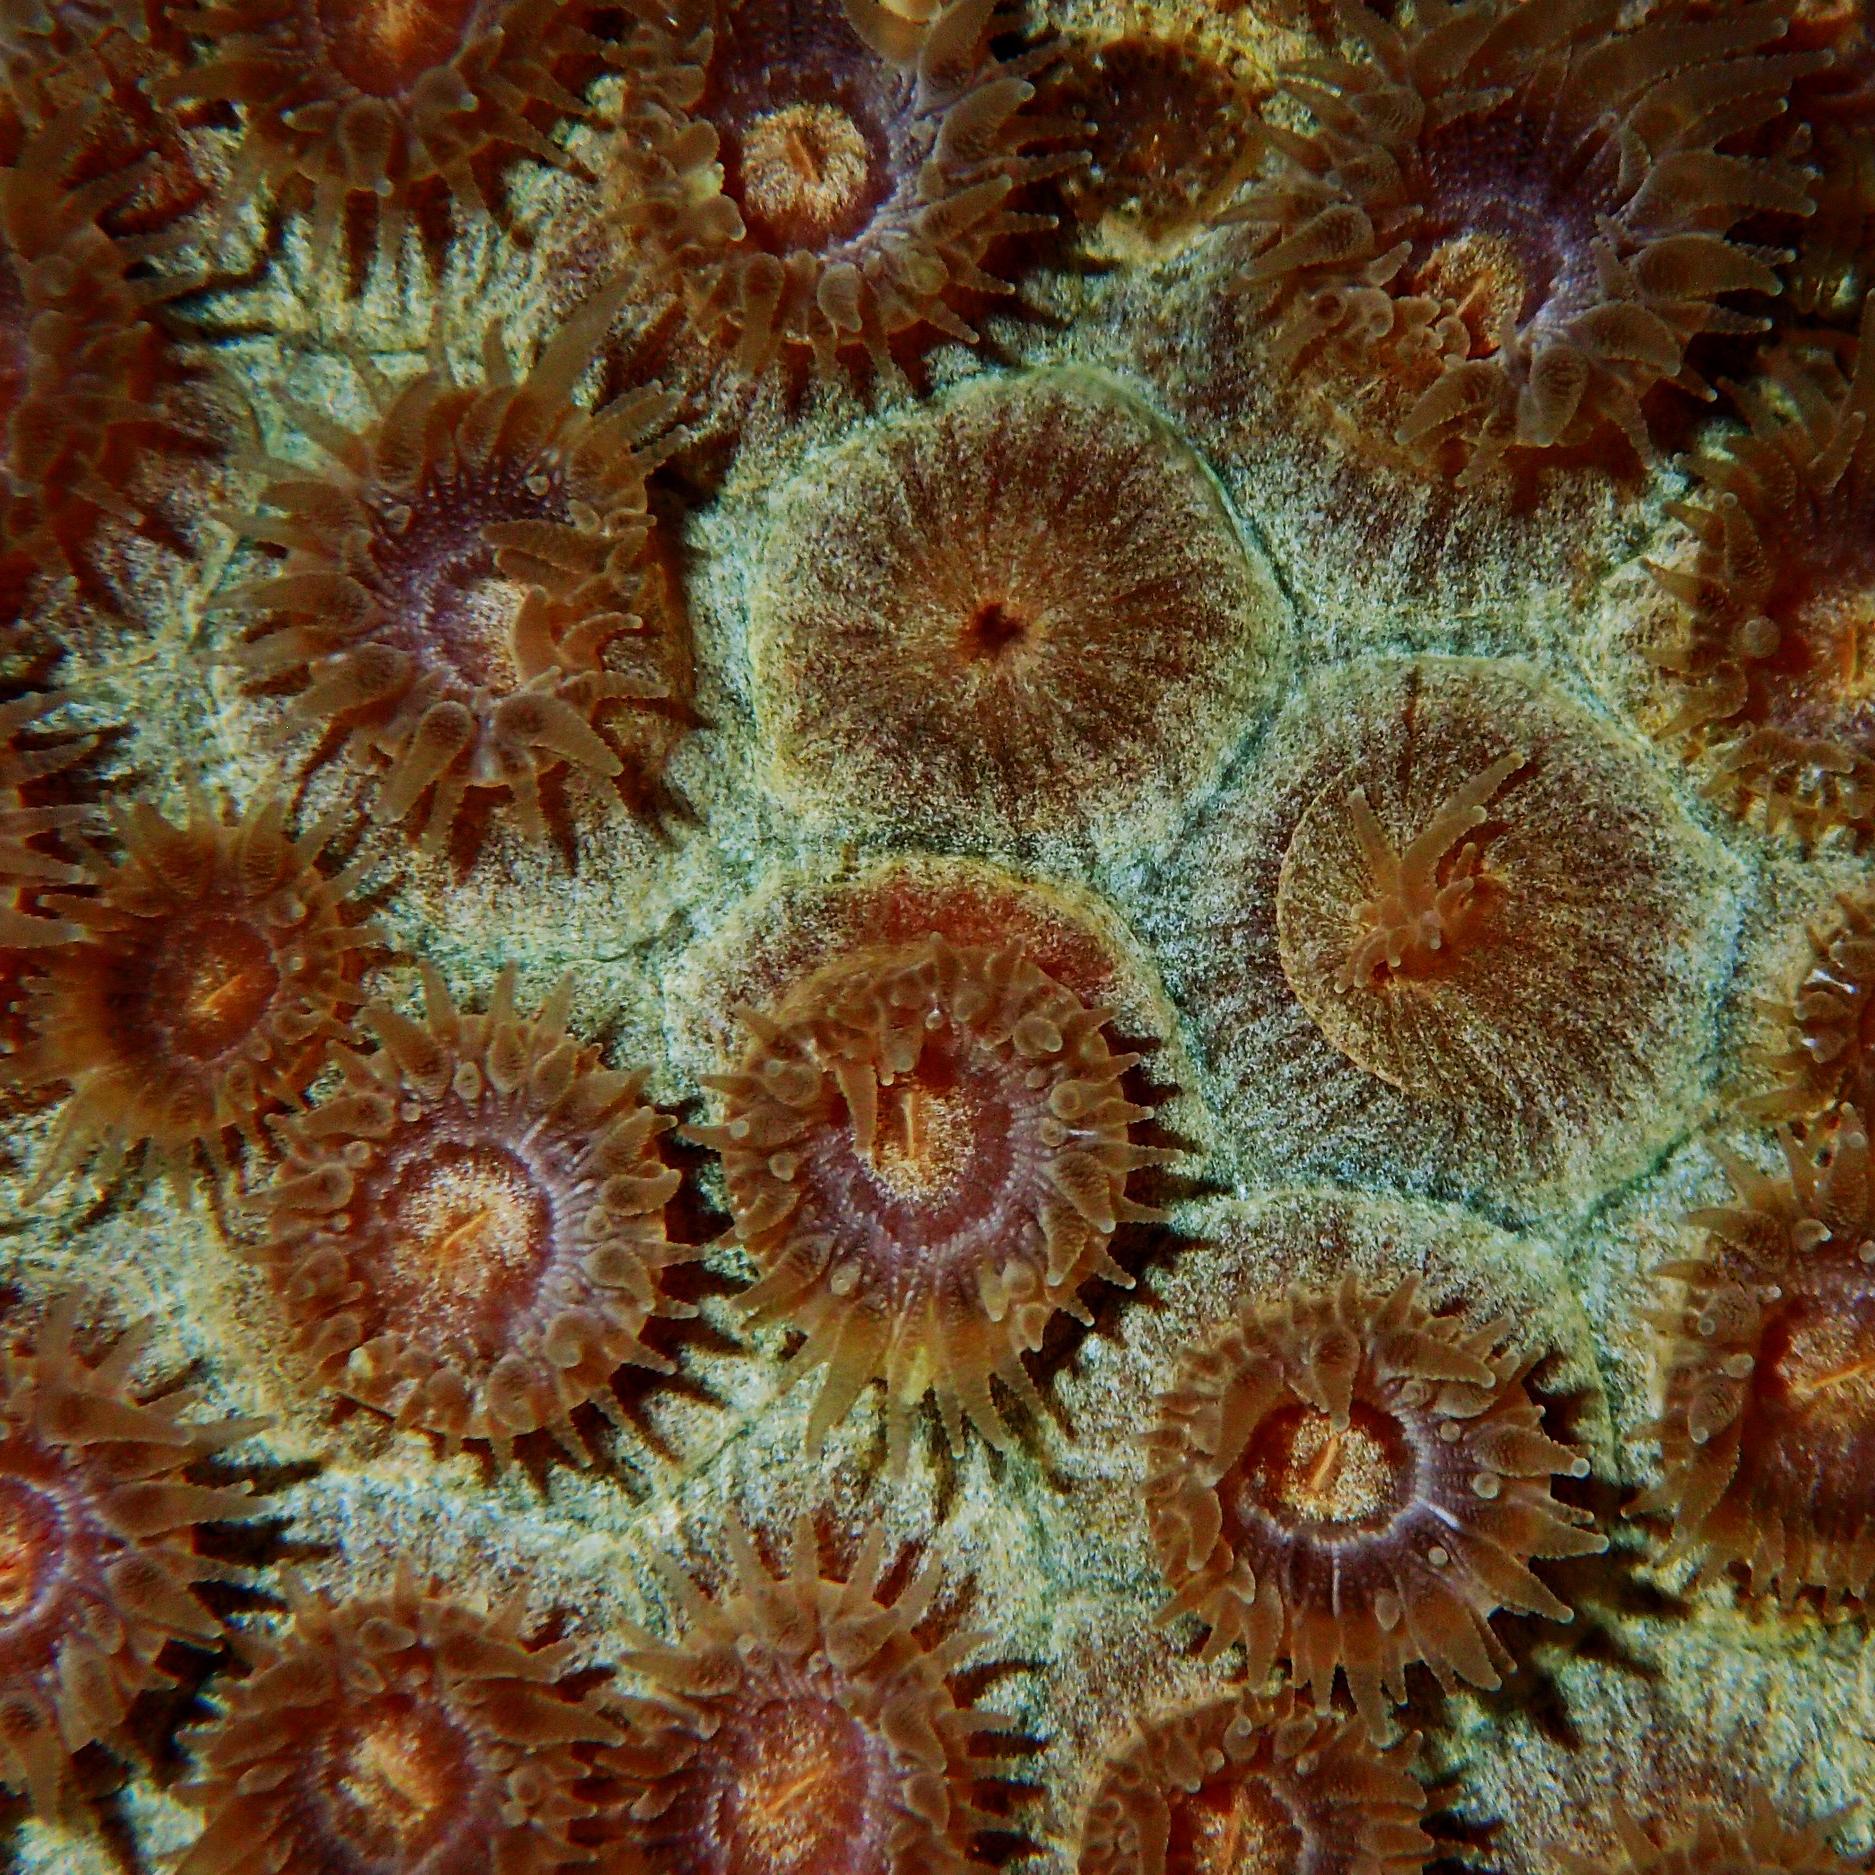 corals up close -